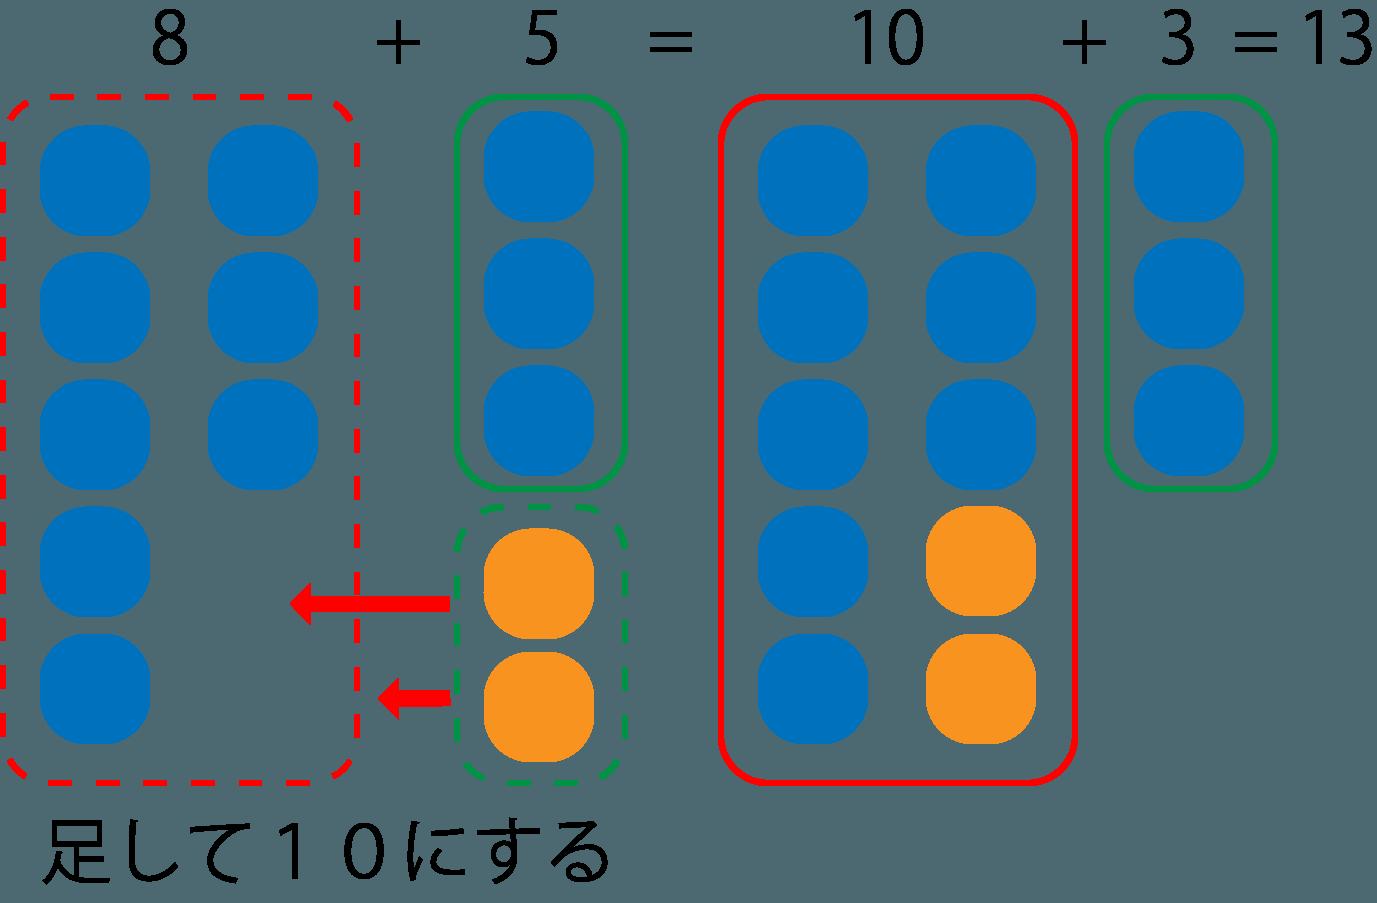 さくらんぼ計算の足し算を算数セットで教える方法の図解